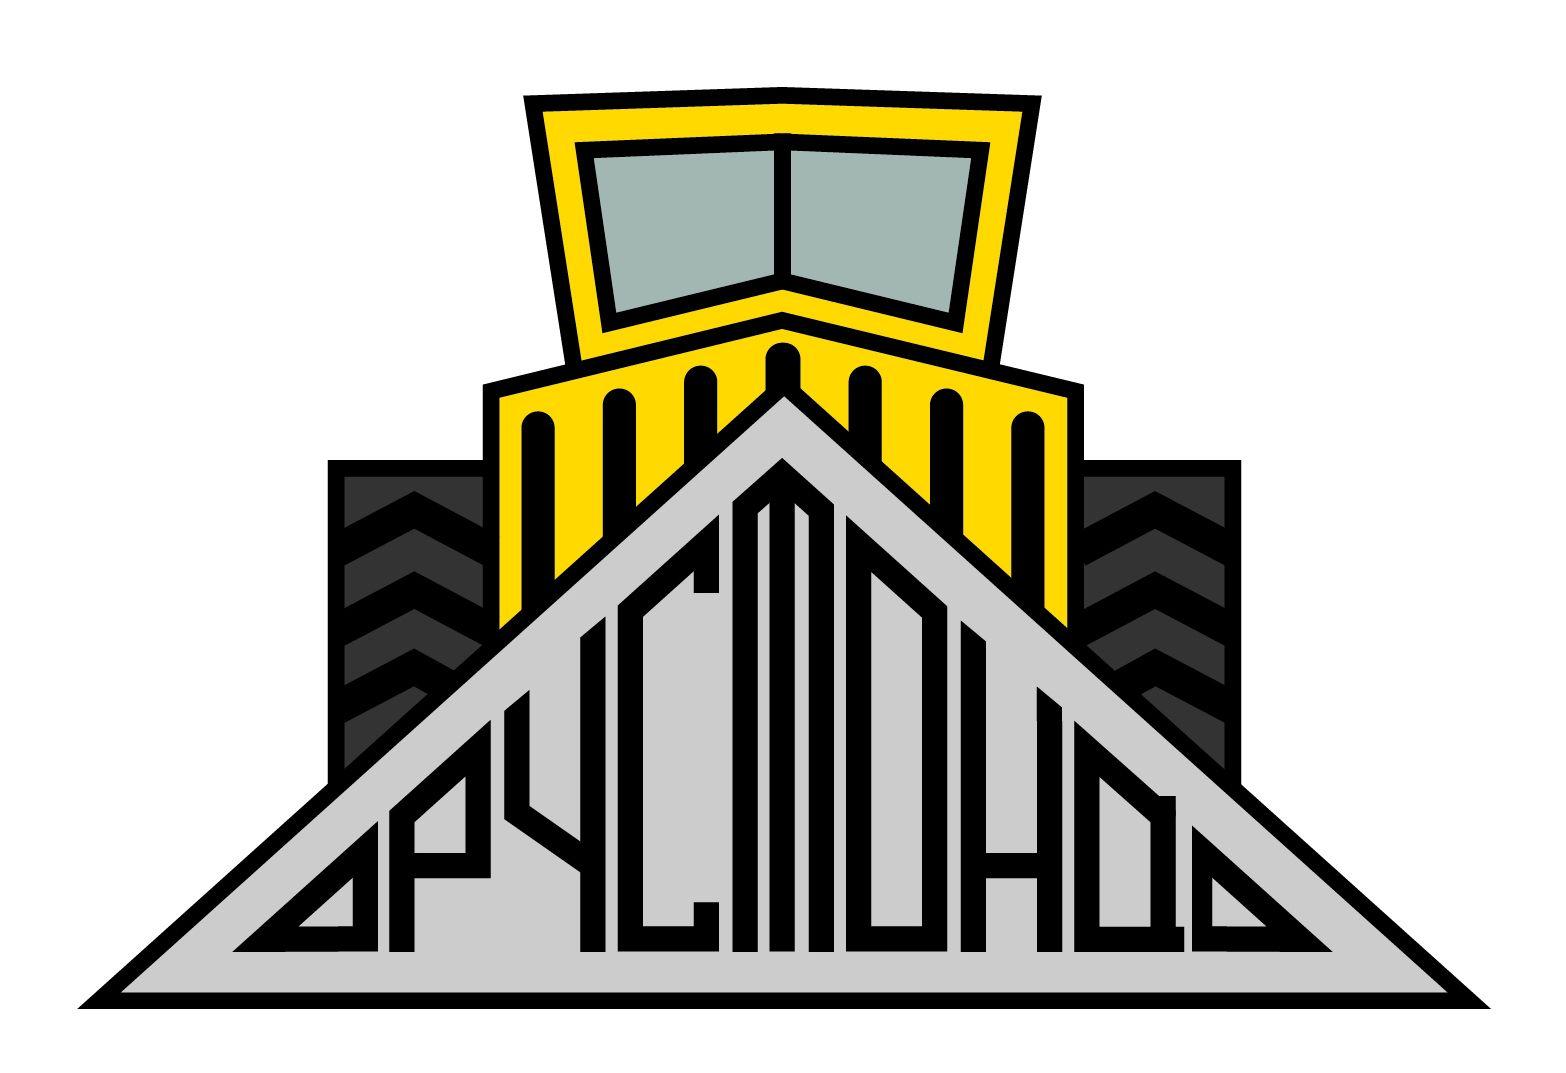 Логотип для компании Рустона (www.rustona.com) - дизайнер tourtle